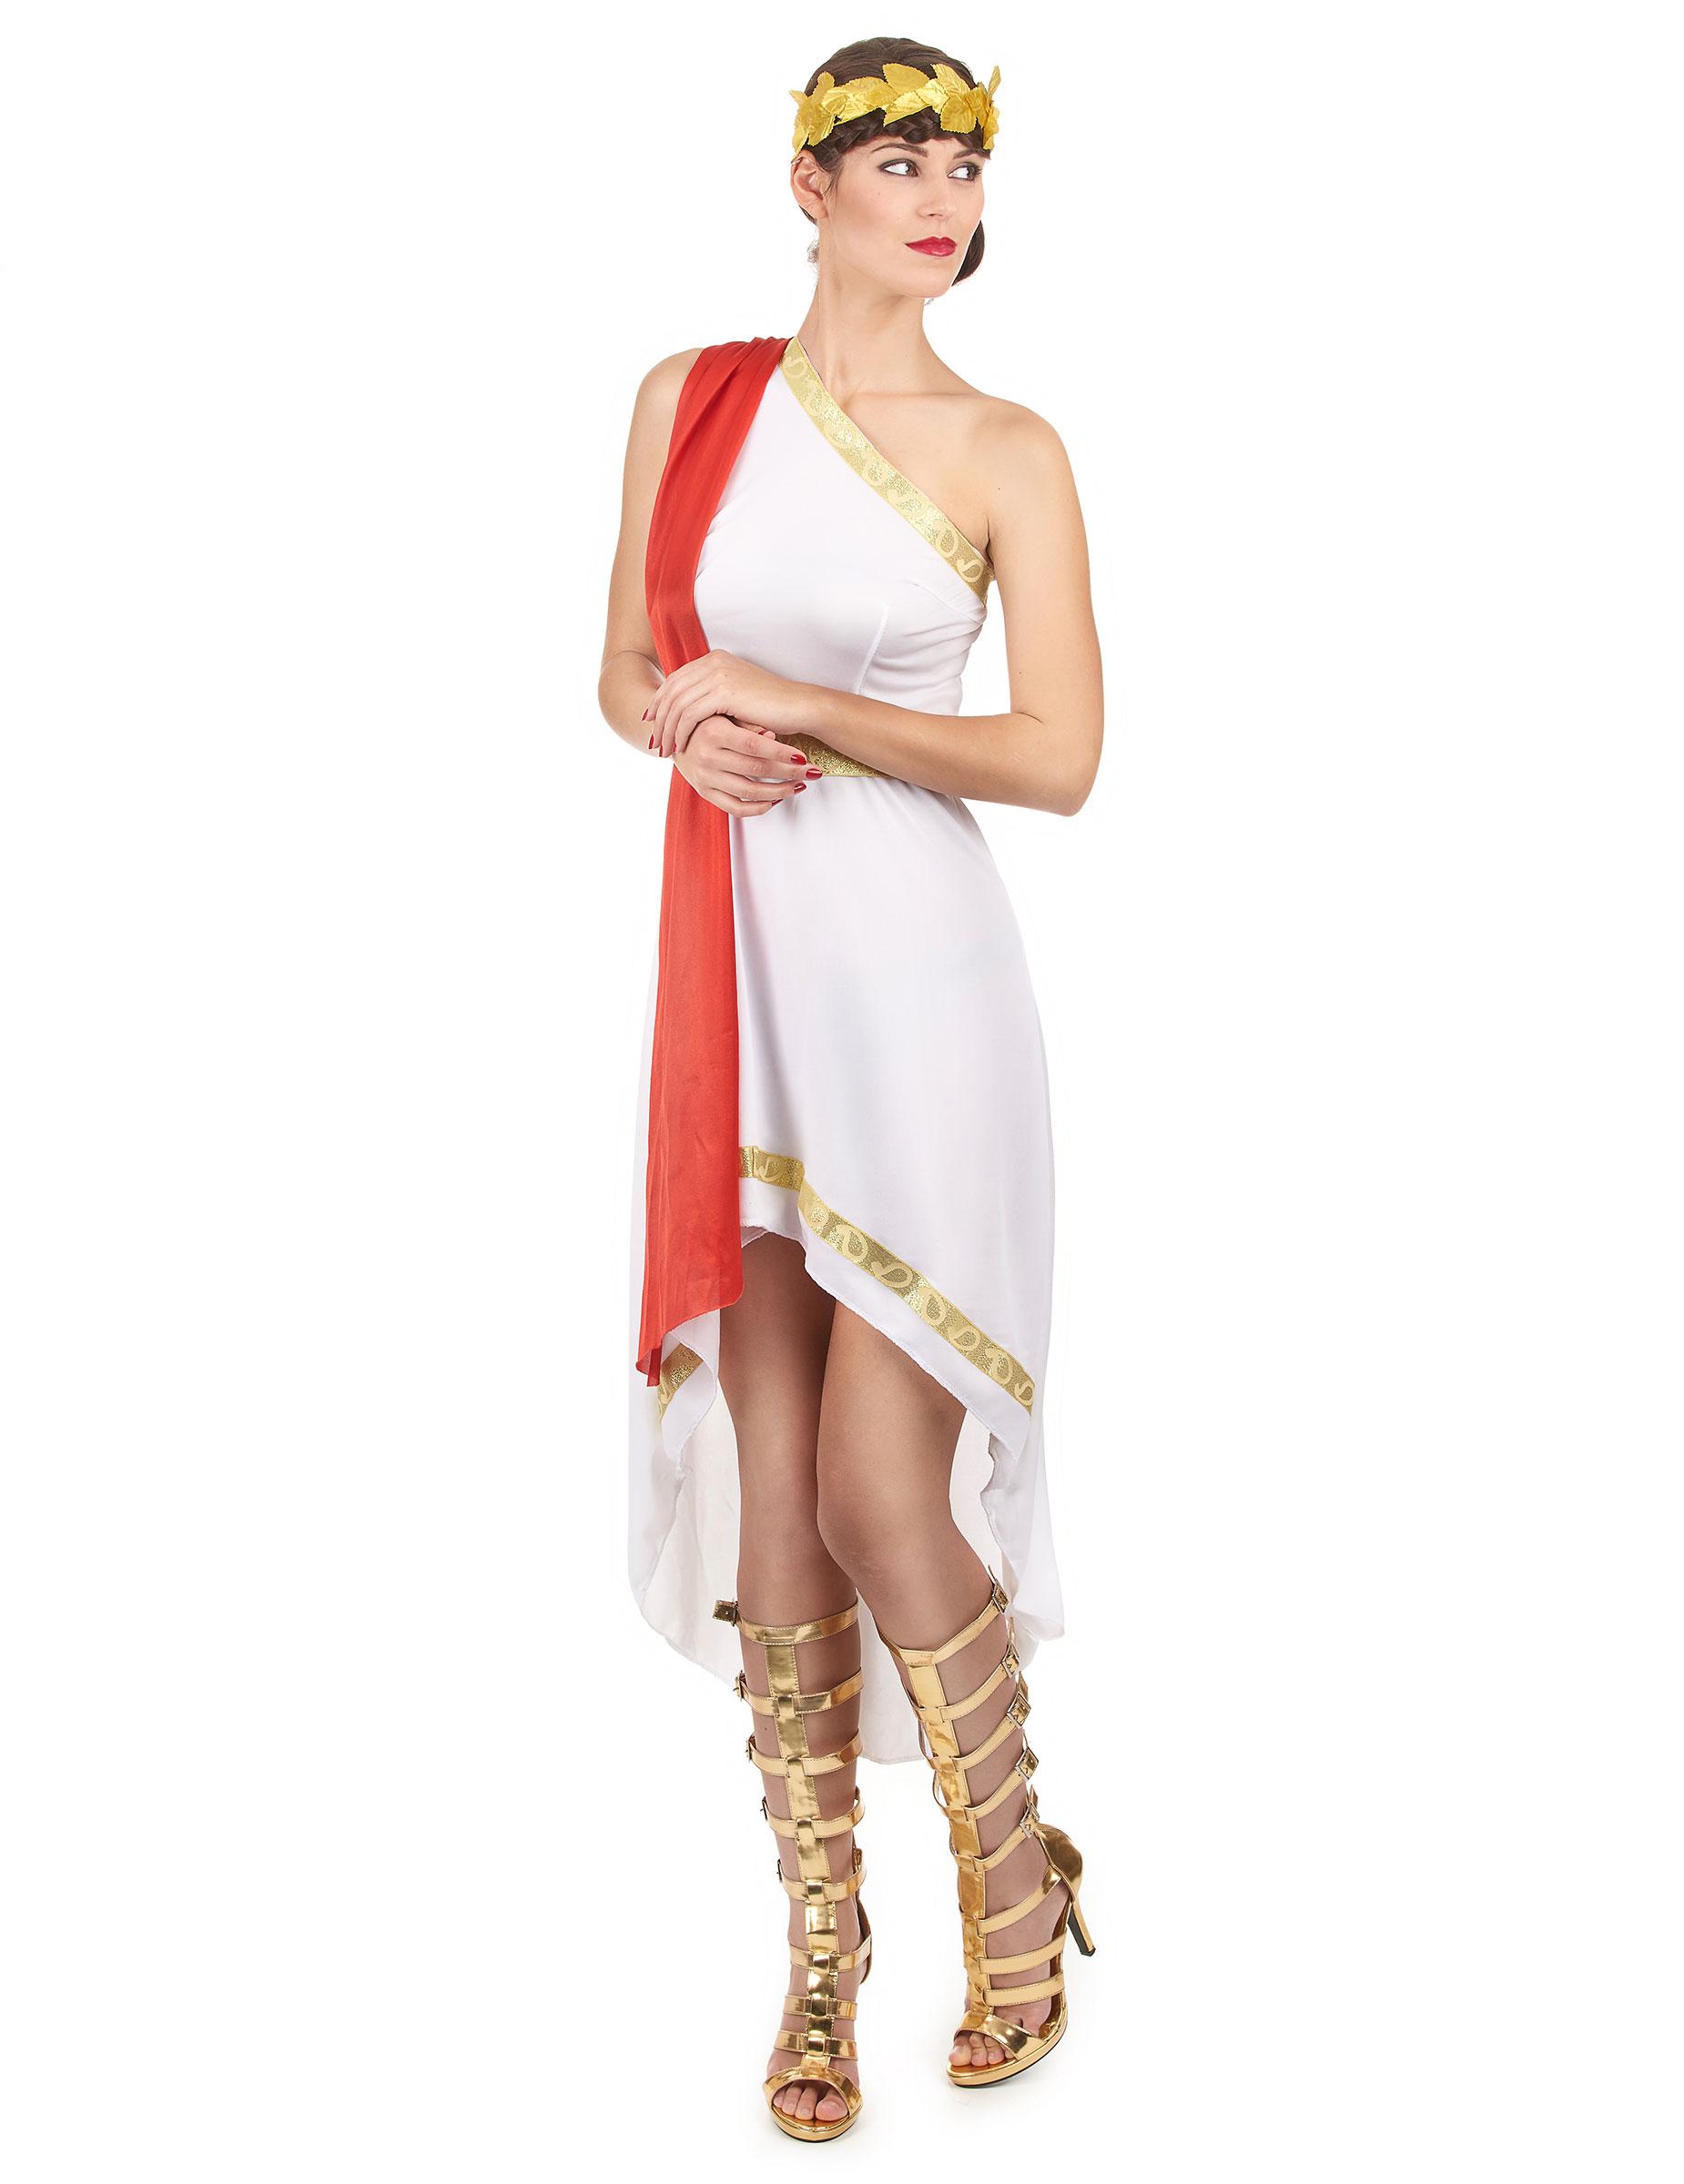 Costumi e toghe da antichi romani per uomini e donne   Vestiti romani d2e2a1392bc